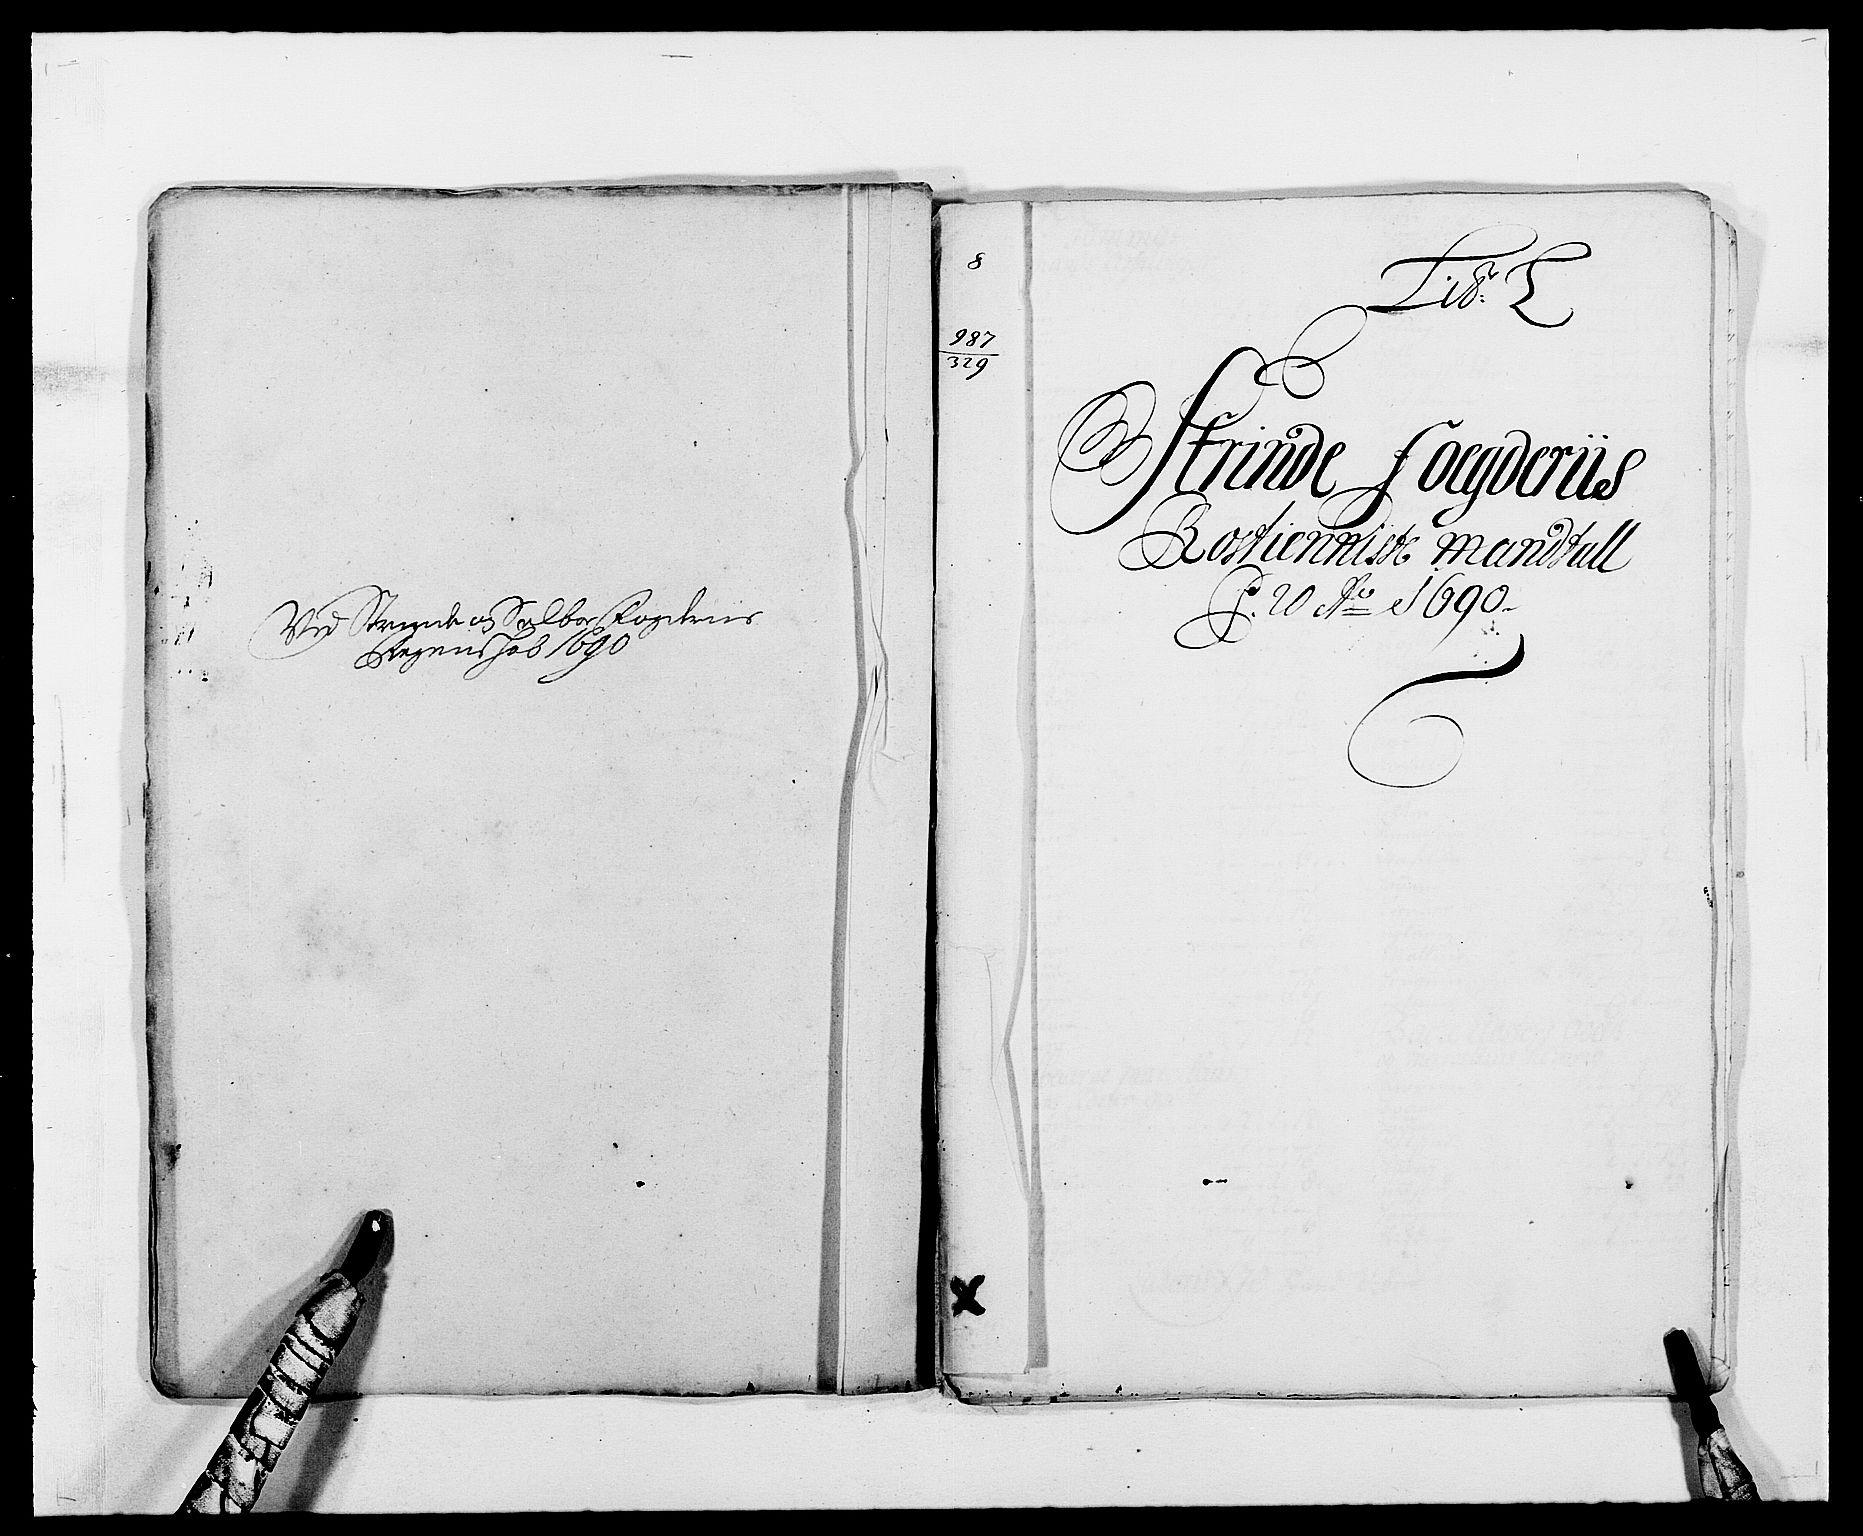 RA, Rentekammeret inntil 1814, Reviderte regnskaper, Fogderegnskap, R61/L4102: Fogderegnskap Strinda og Selbu, 1689-1690, s. 233